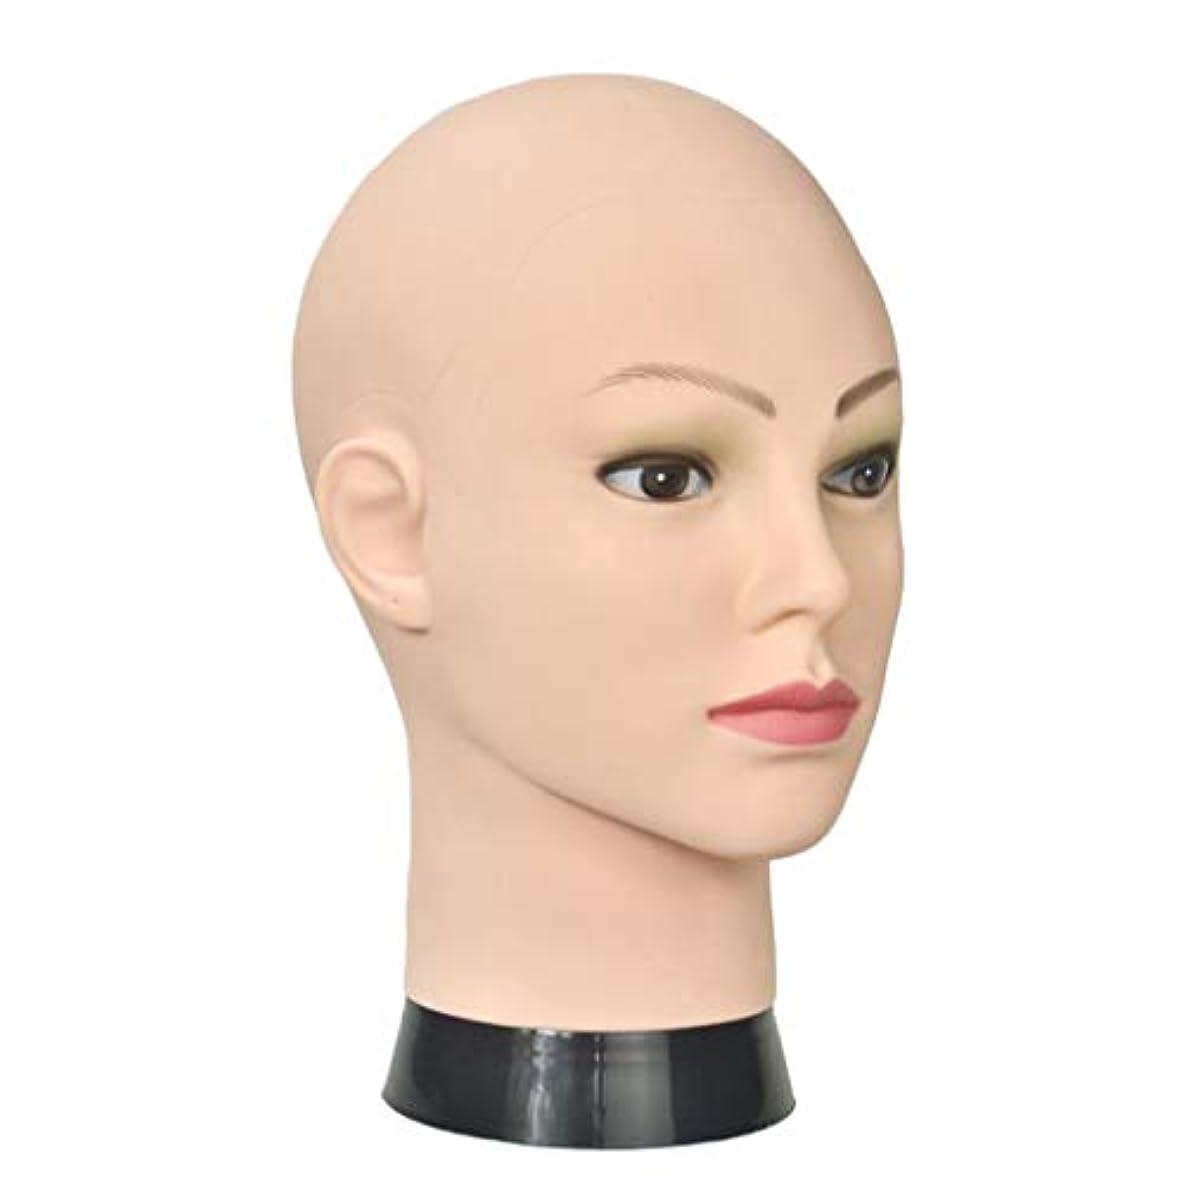 人形敬意を表してめまいToygogo プロのマネキンヘッドメイク表示スタイルドライかつら10.2インチ理髪トレーニングヘッド